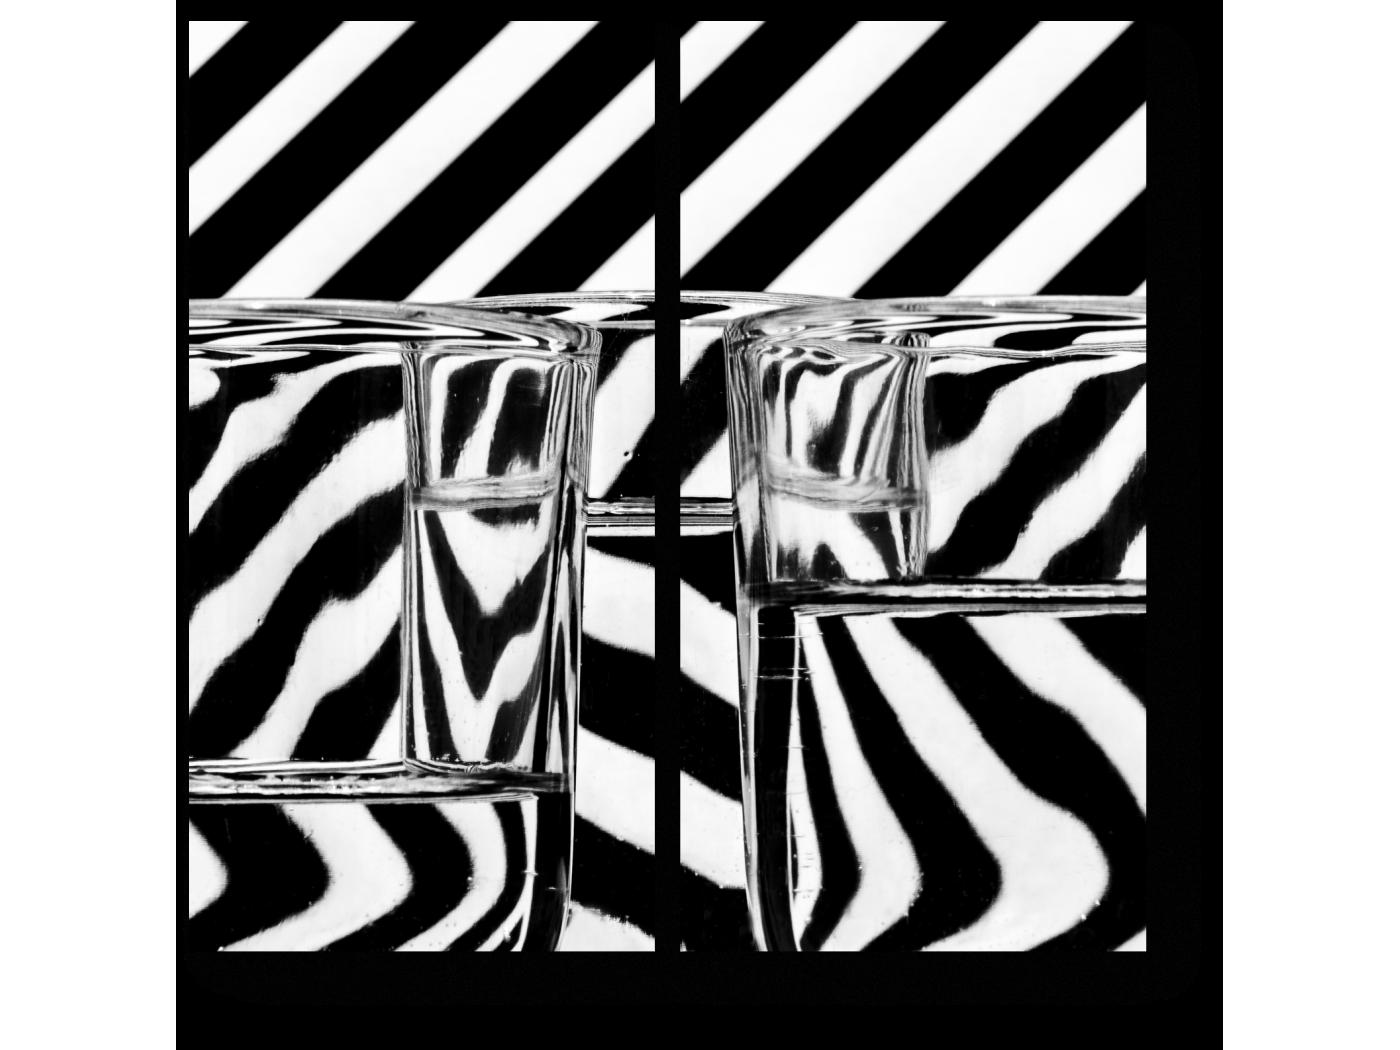 Модульная картина Черно-белая абстракция (40x40) фото